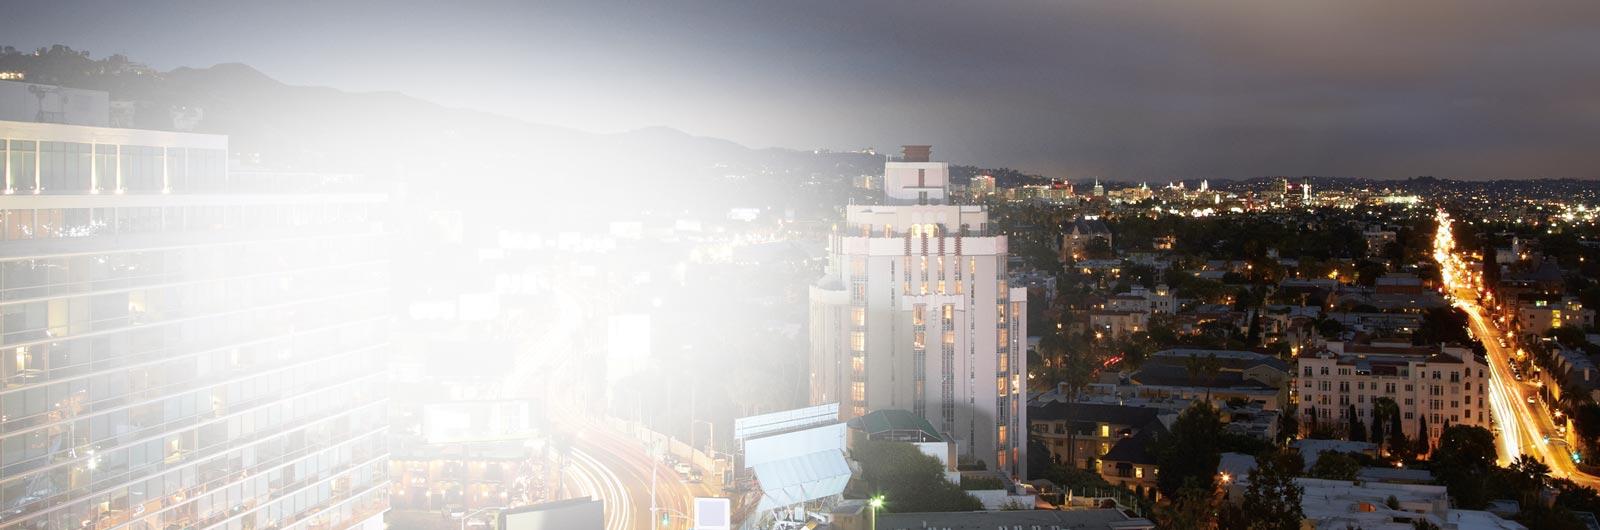 Öinen näkymä suurkaupungista. Lue Exchange-asiakkaiden kertomuksia kaikkialta maailmasta.